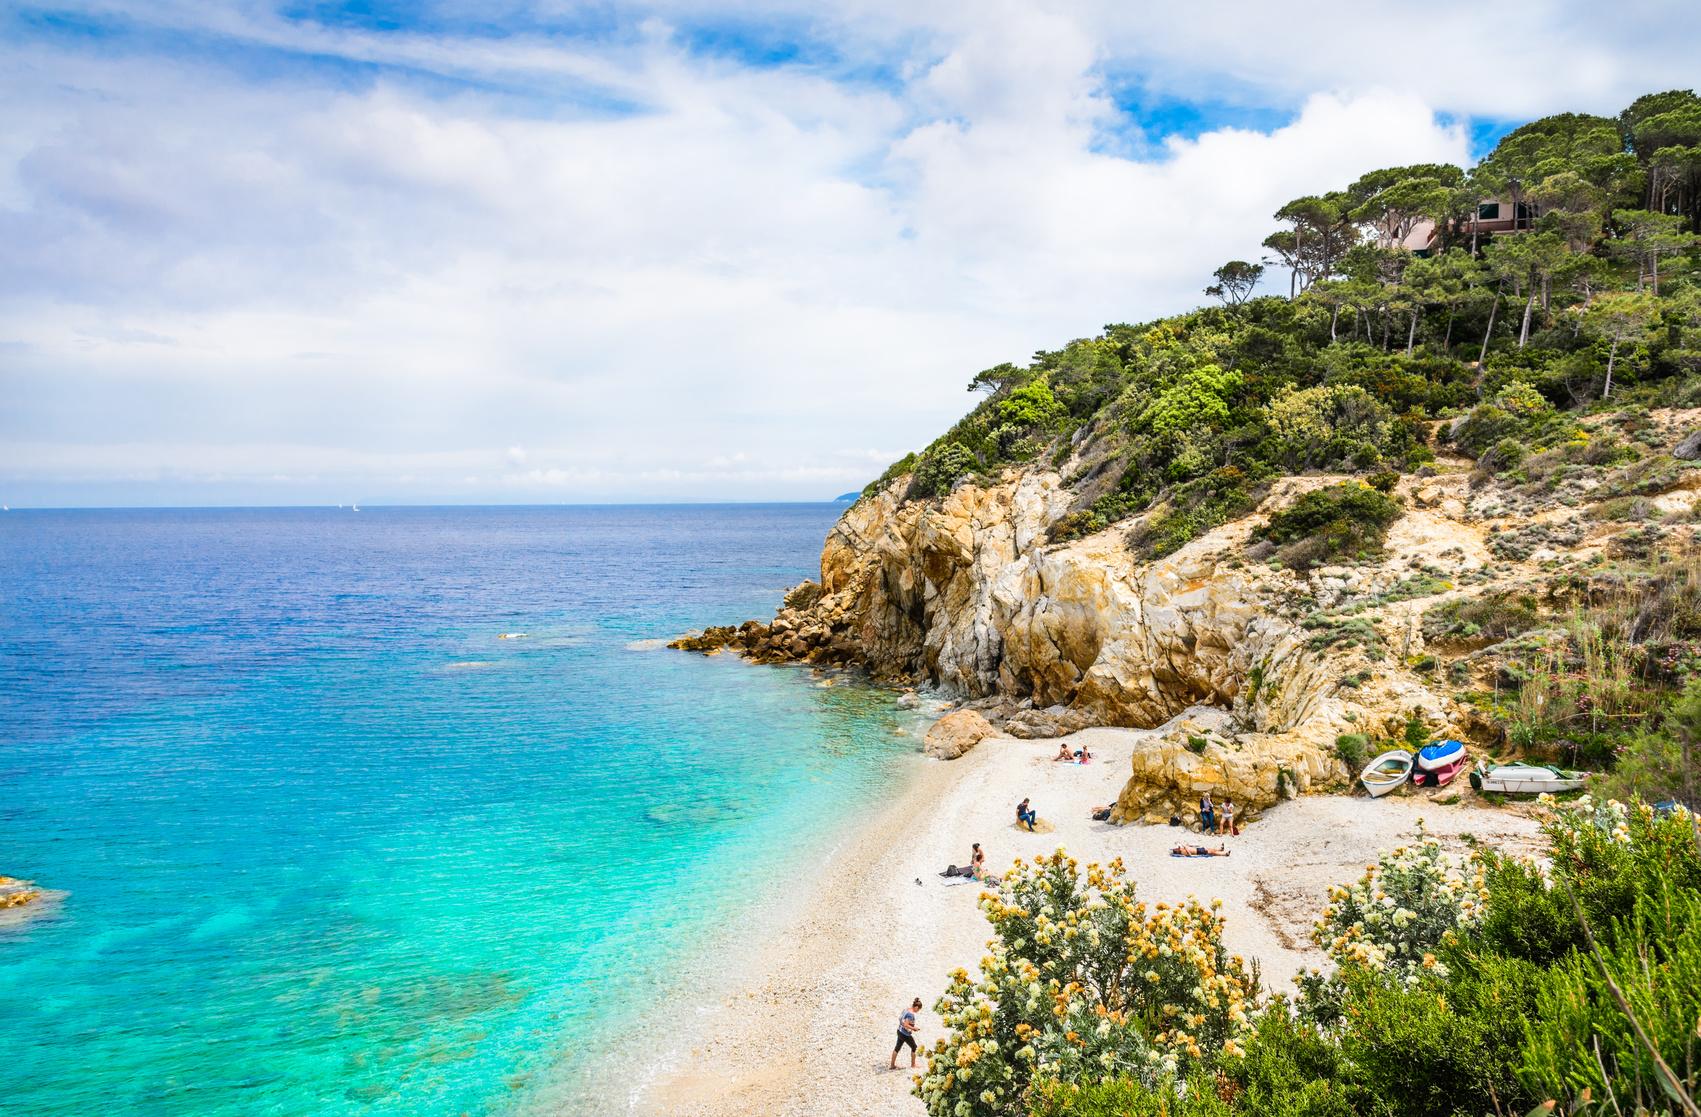 Αποτέλεσμα εικόνας για best beach tuscany coast